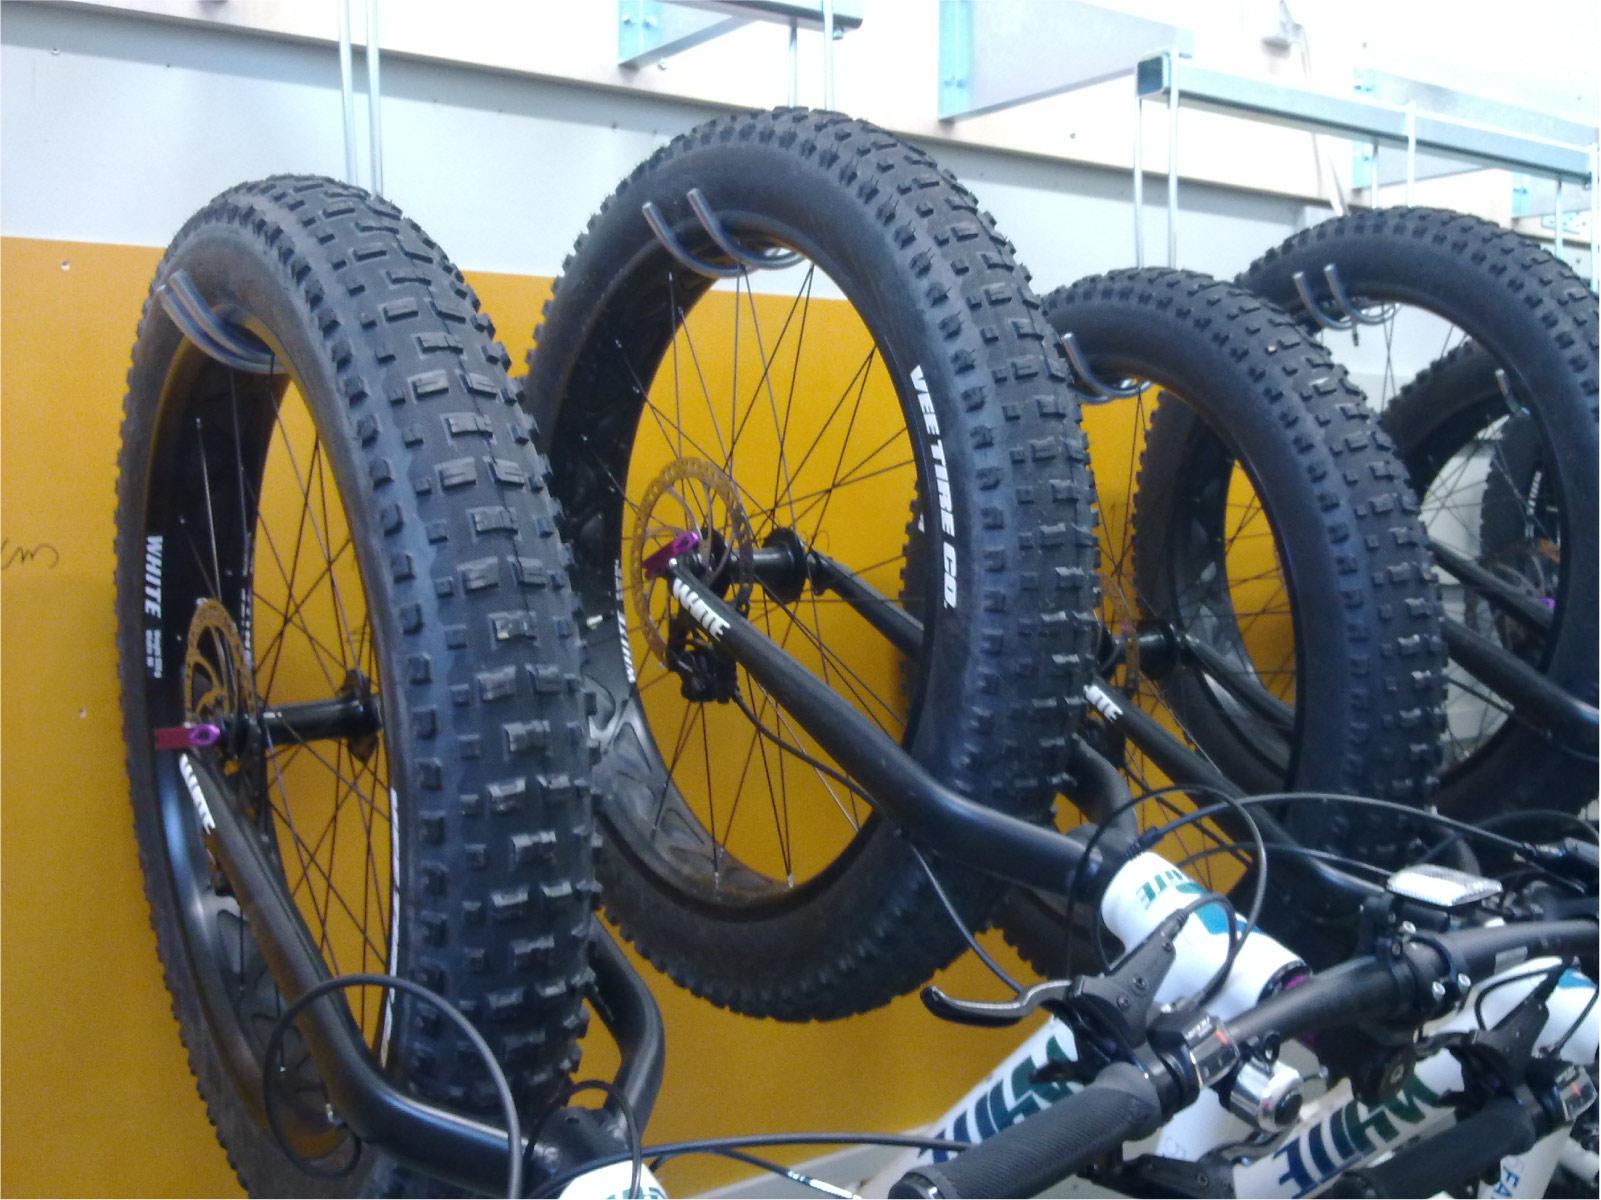 ROTOFLEX sykkeloppbevaring er løsningen når det gjelder oppbevaring av sykler i lager og kjeller.